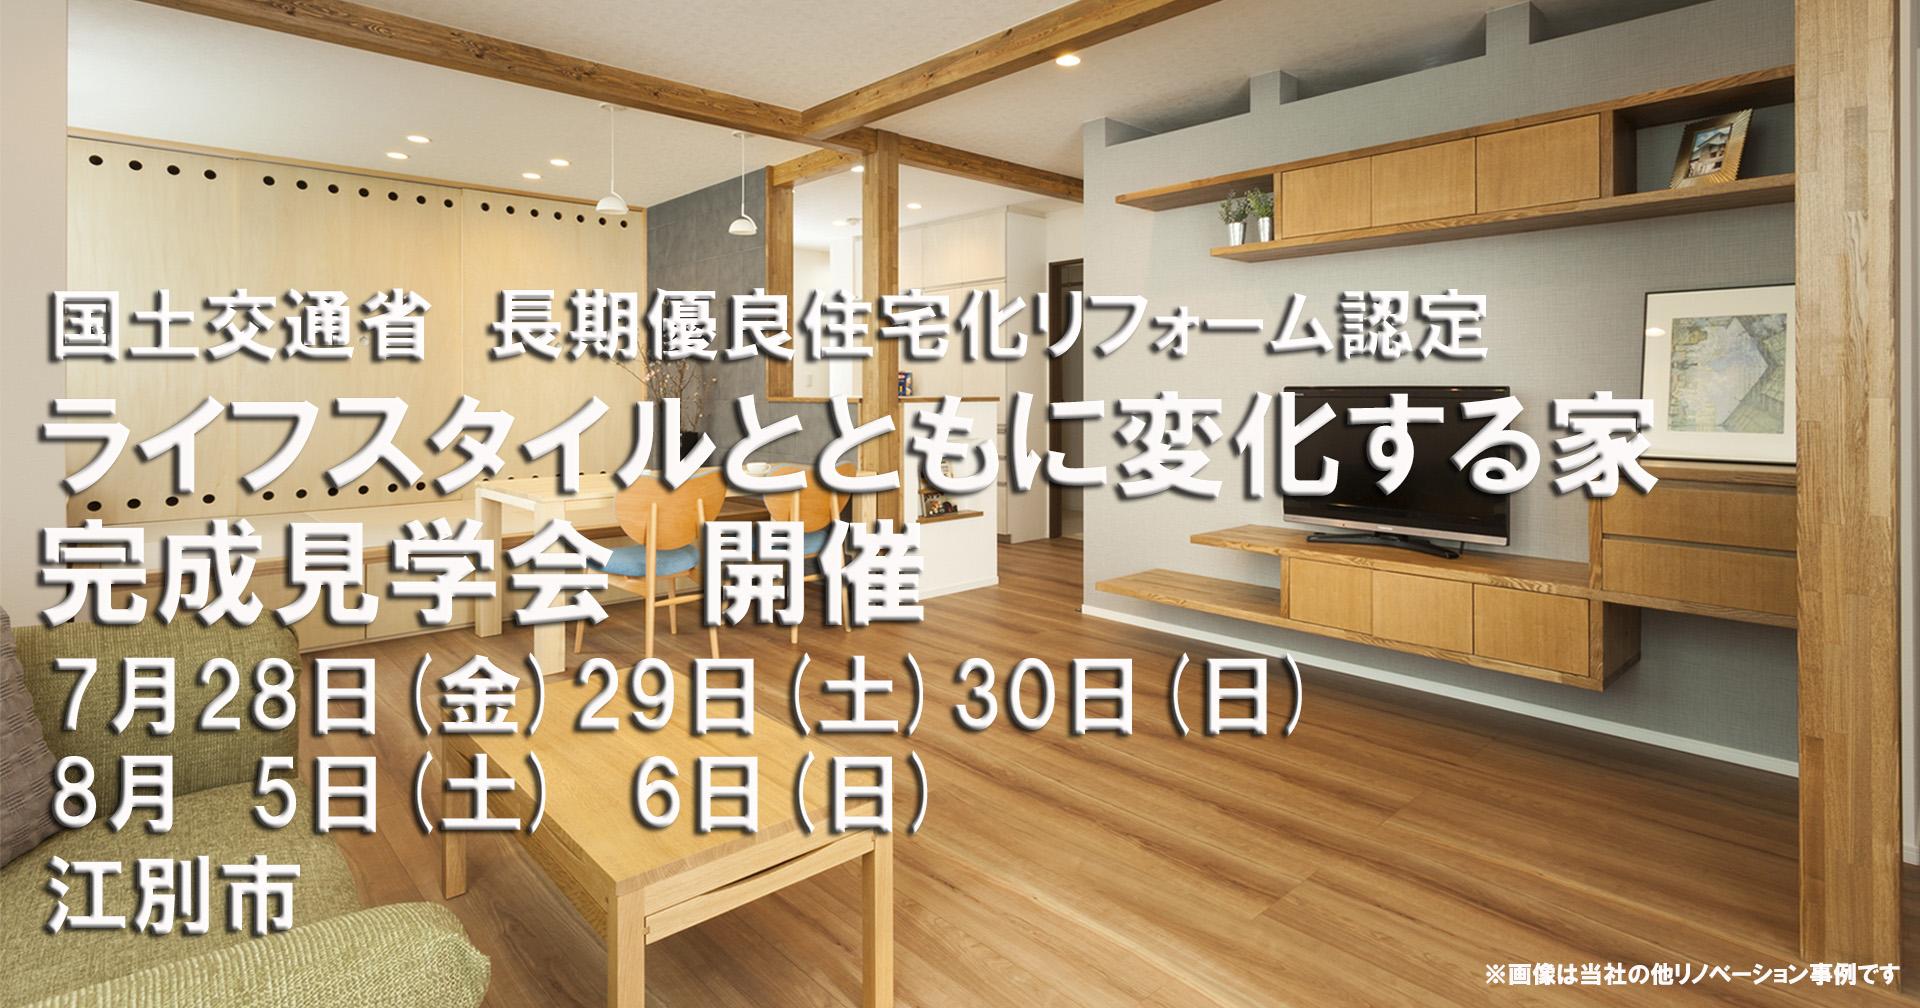 7月28日から江別市で開催 リノベーション住宅完成見学会(リビングワーク 札幌 リノベーション)